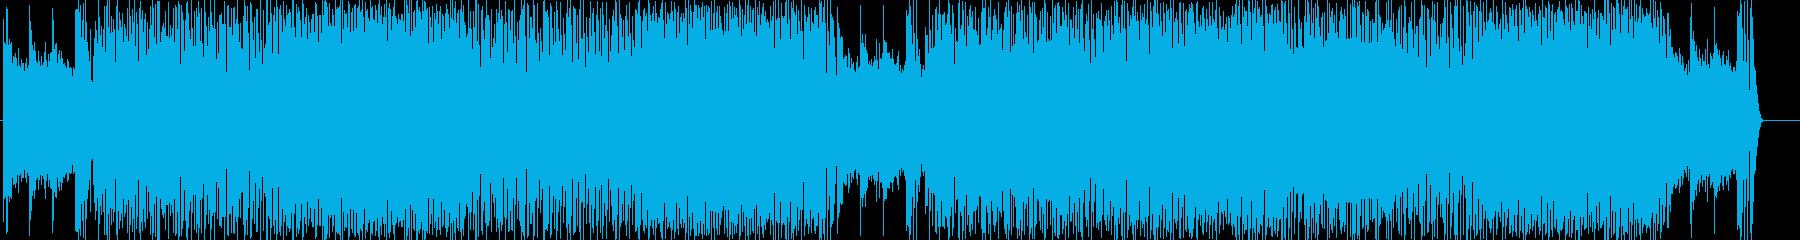 心が飛び跳ねるエキサイティングロックの再生済みの波形